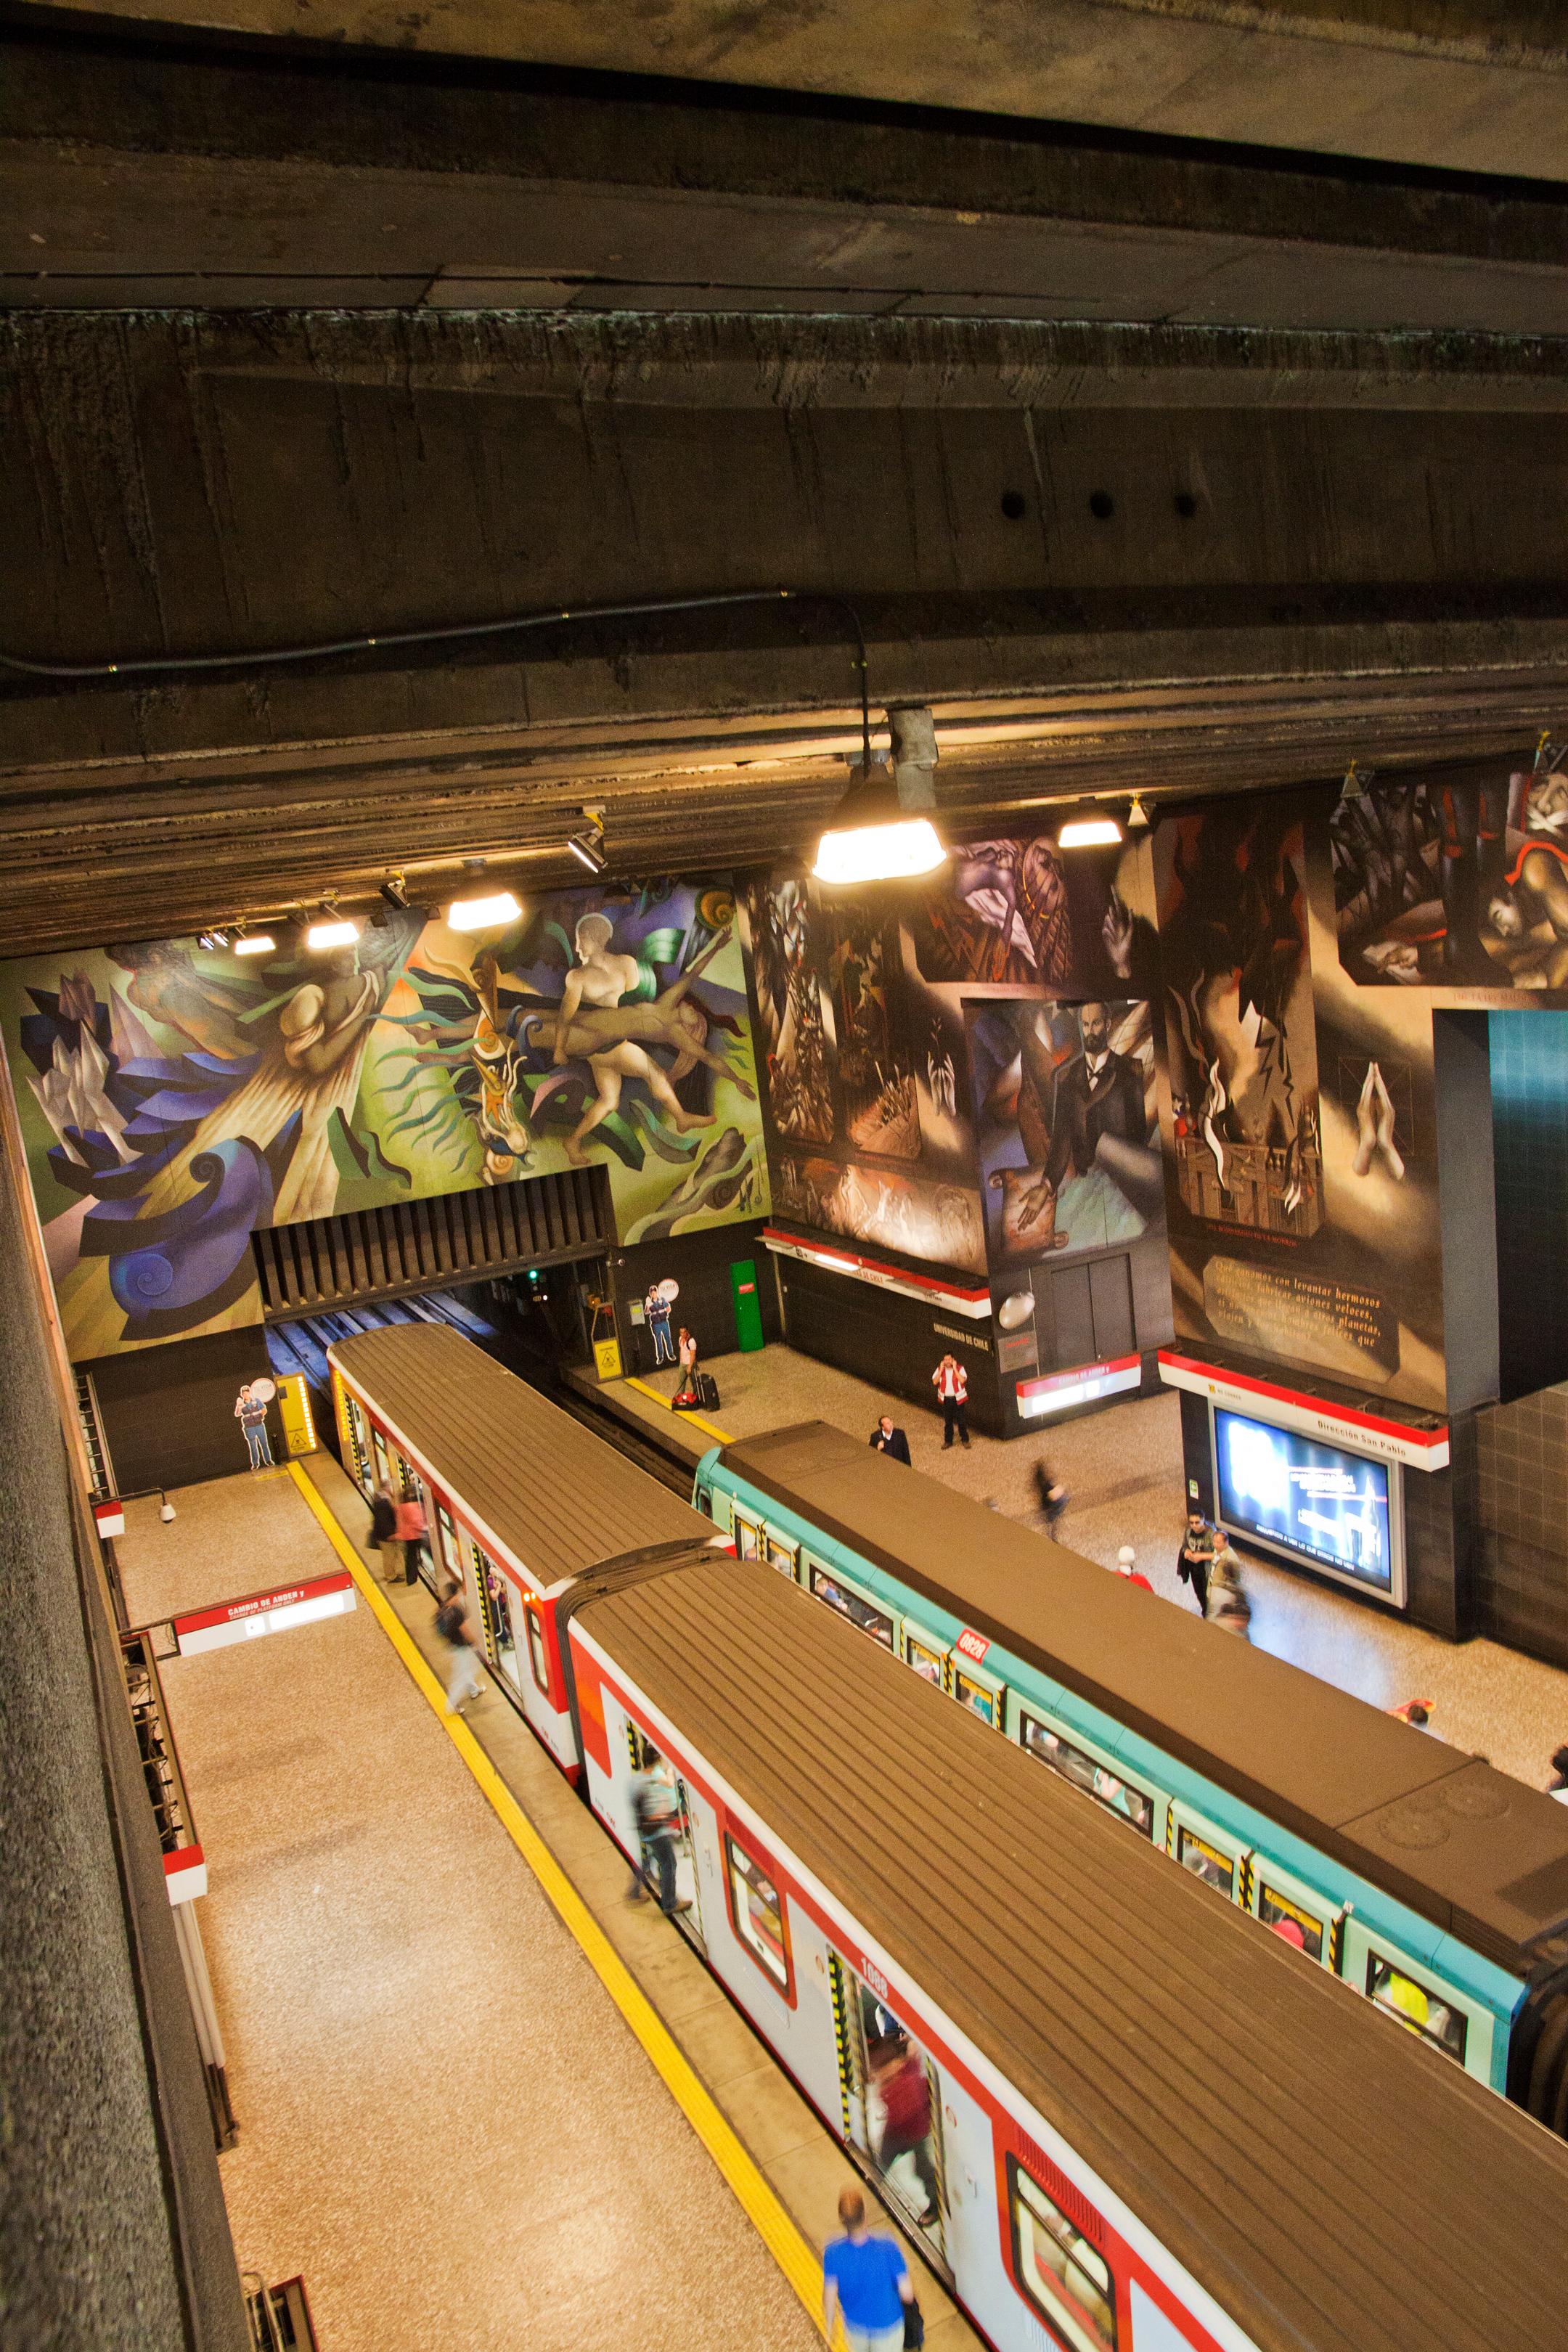 University of Chile Subway Station, Santiago